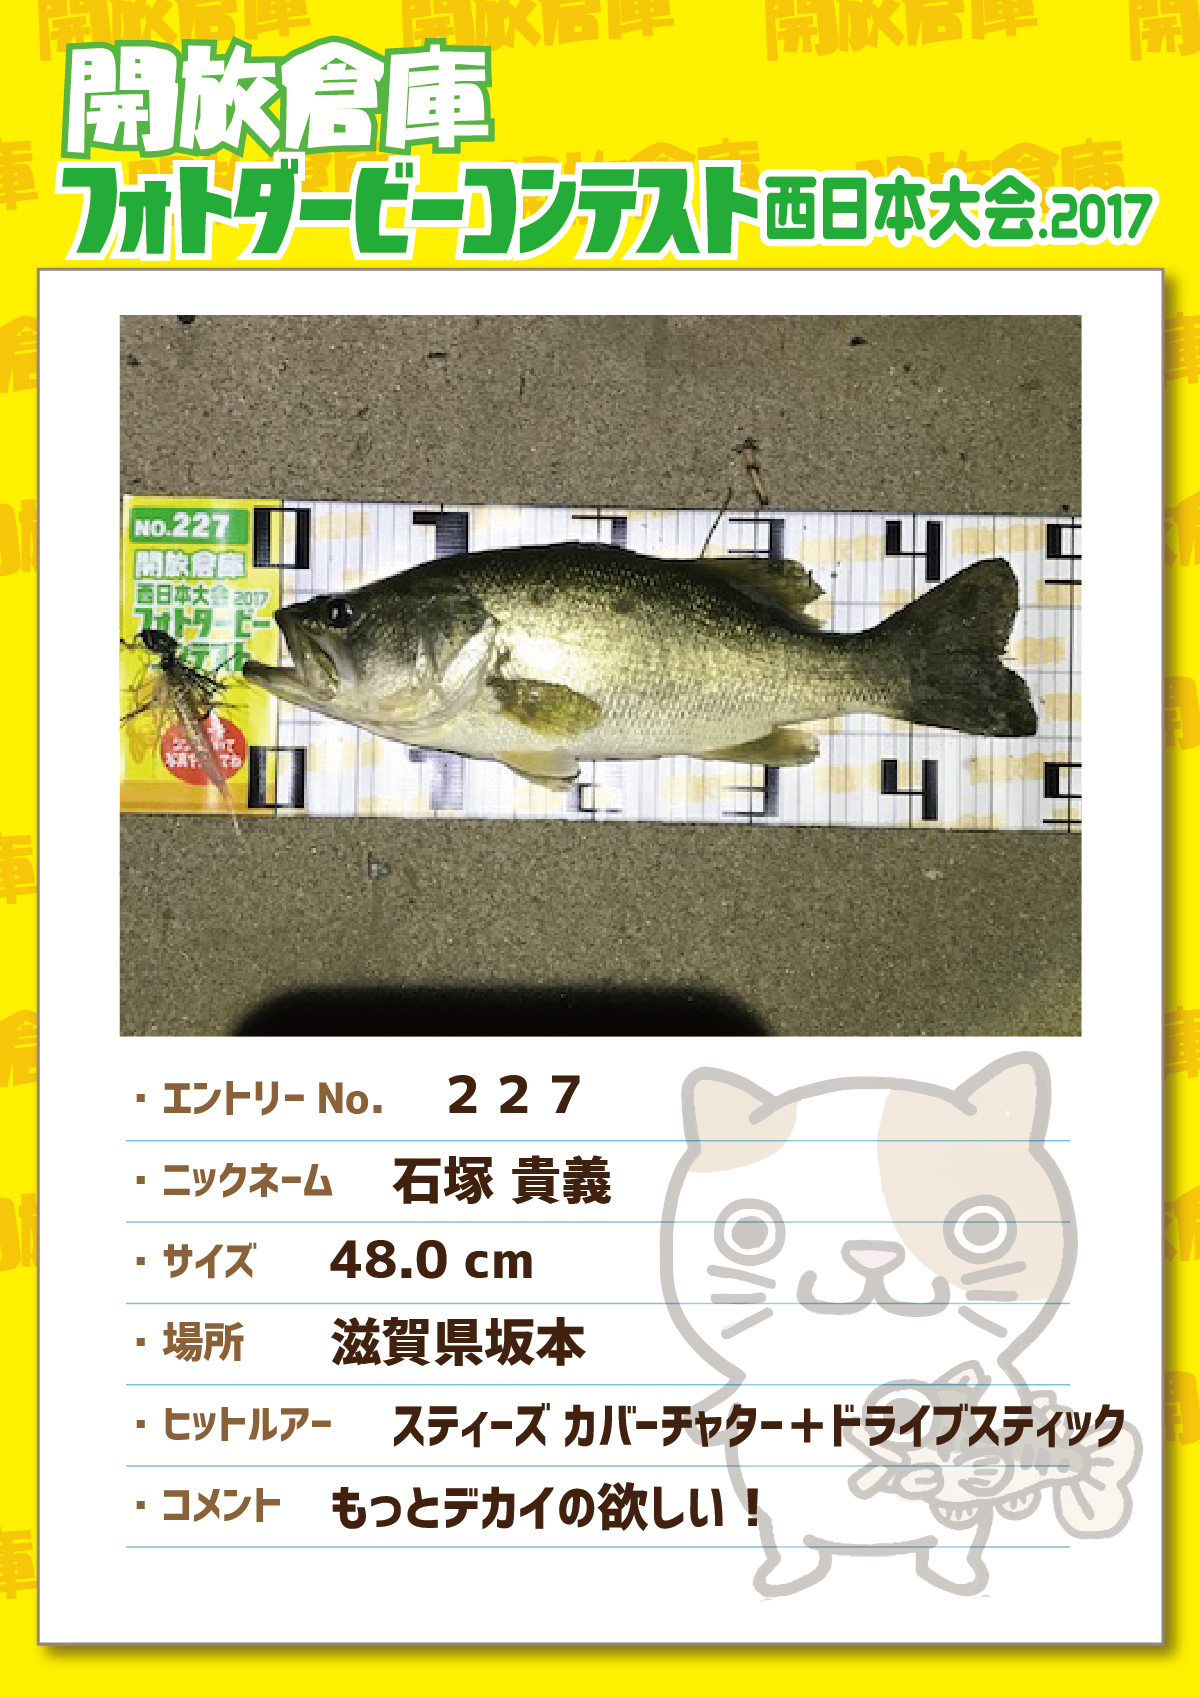 No.227 石塚貴義 48.0cm 滋賀県坂本 スティーズカバーチャター+ドライブスティック もっとデカイの欲しい!